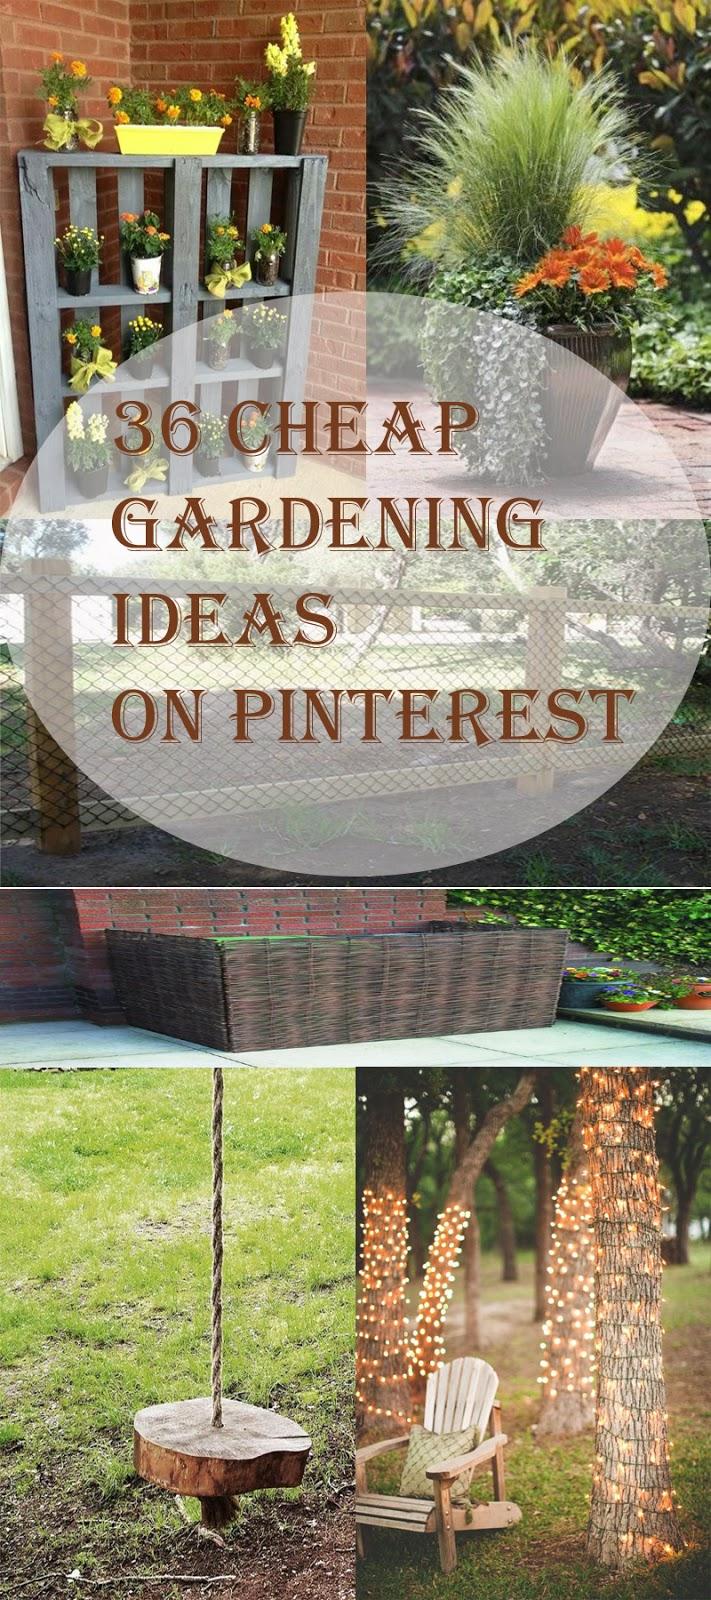 36 Cheap Gardening Ideas on Pinterest - A Blog on Garden on Cheap Back Garden Ideas id=51857